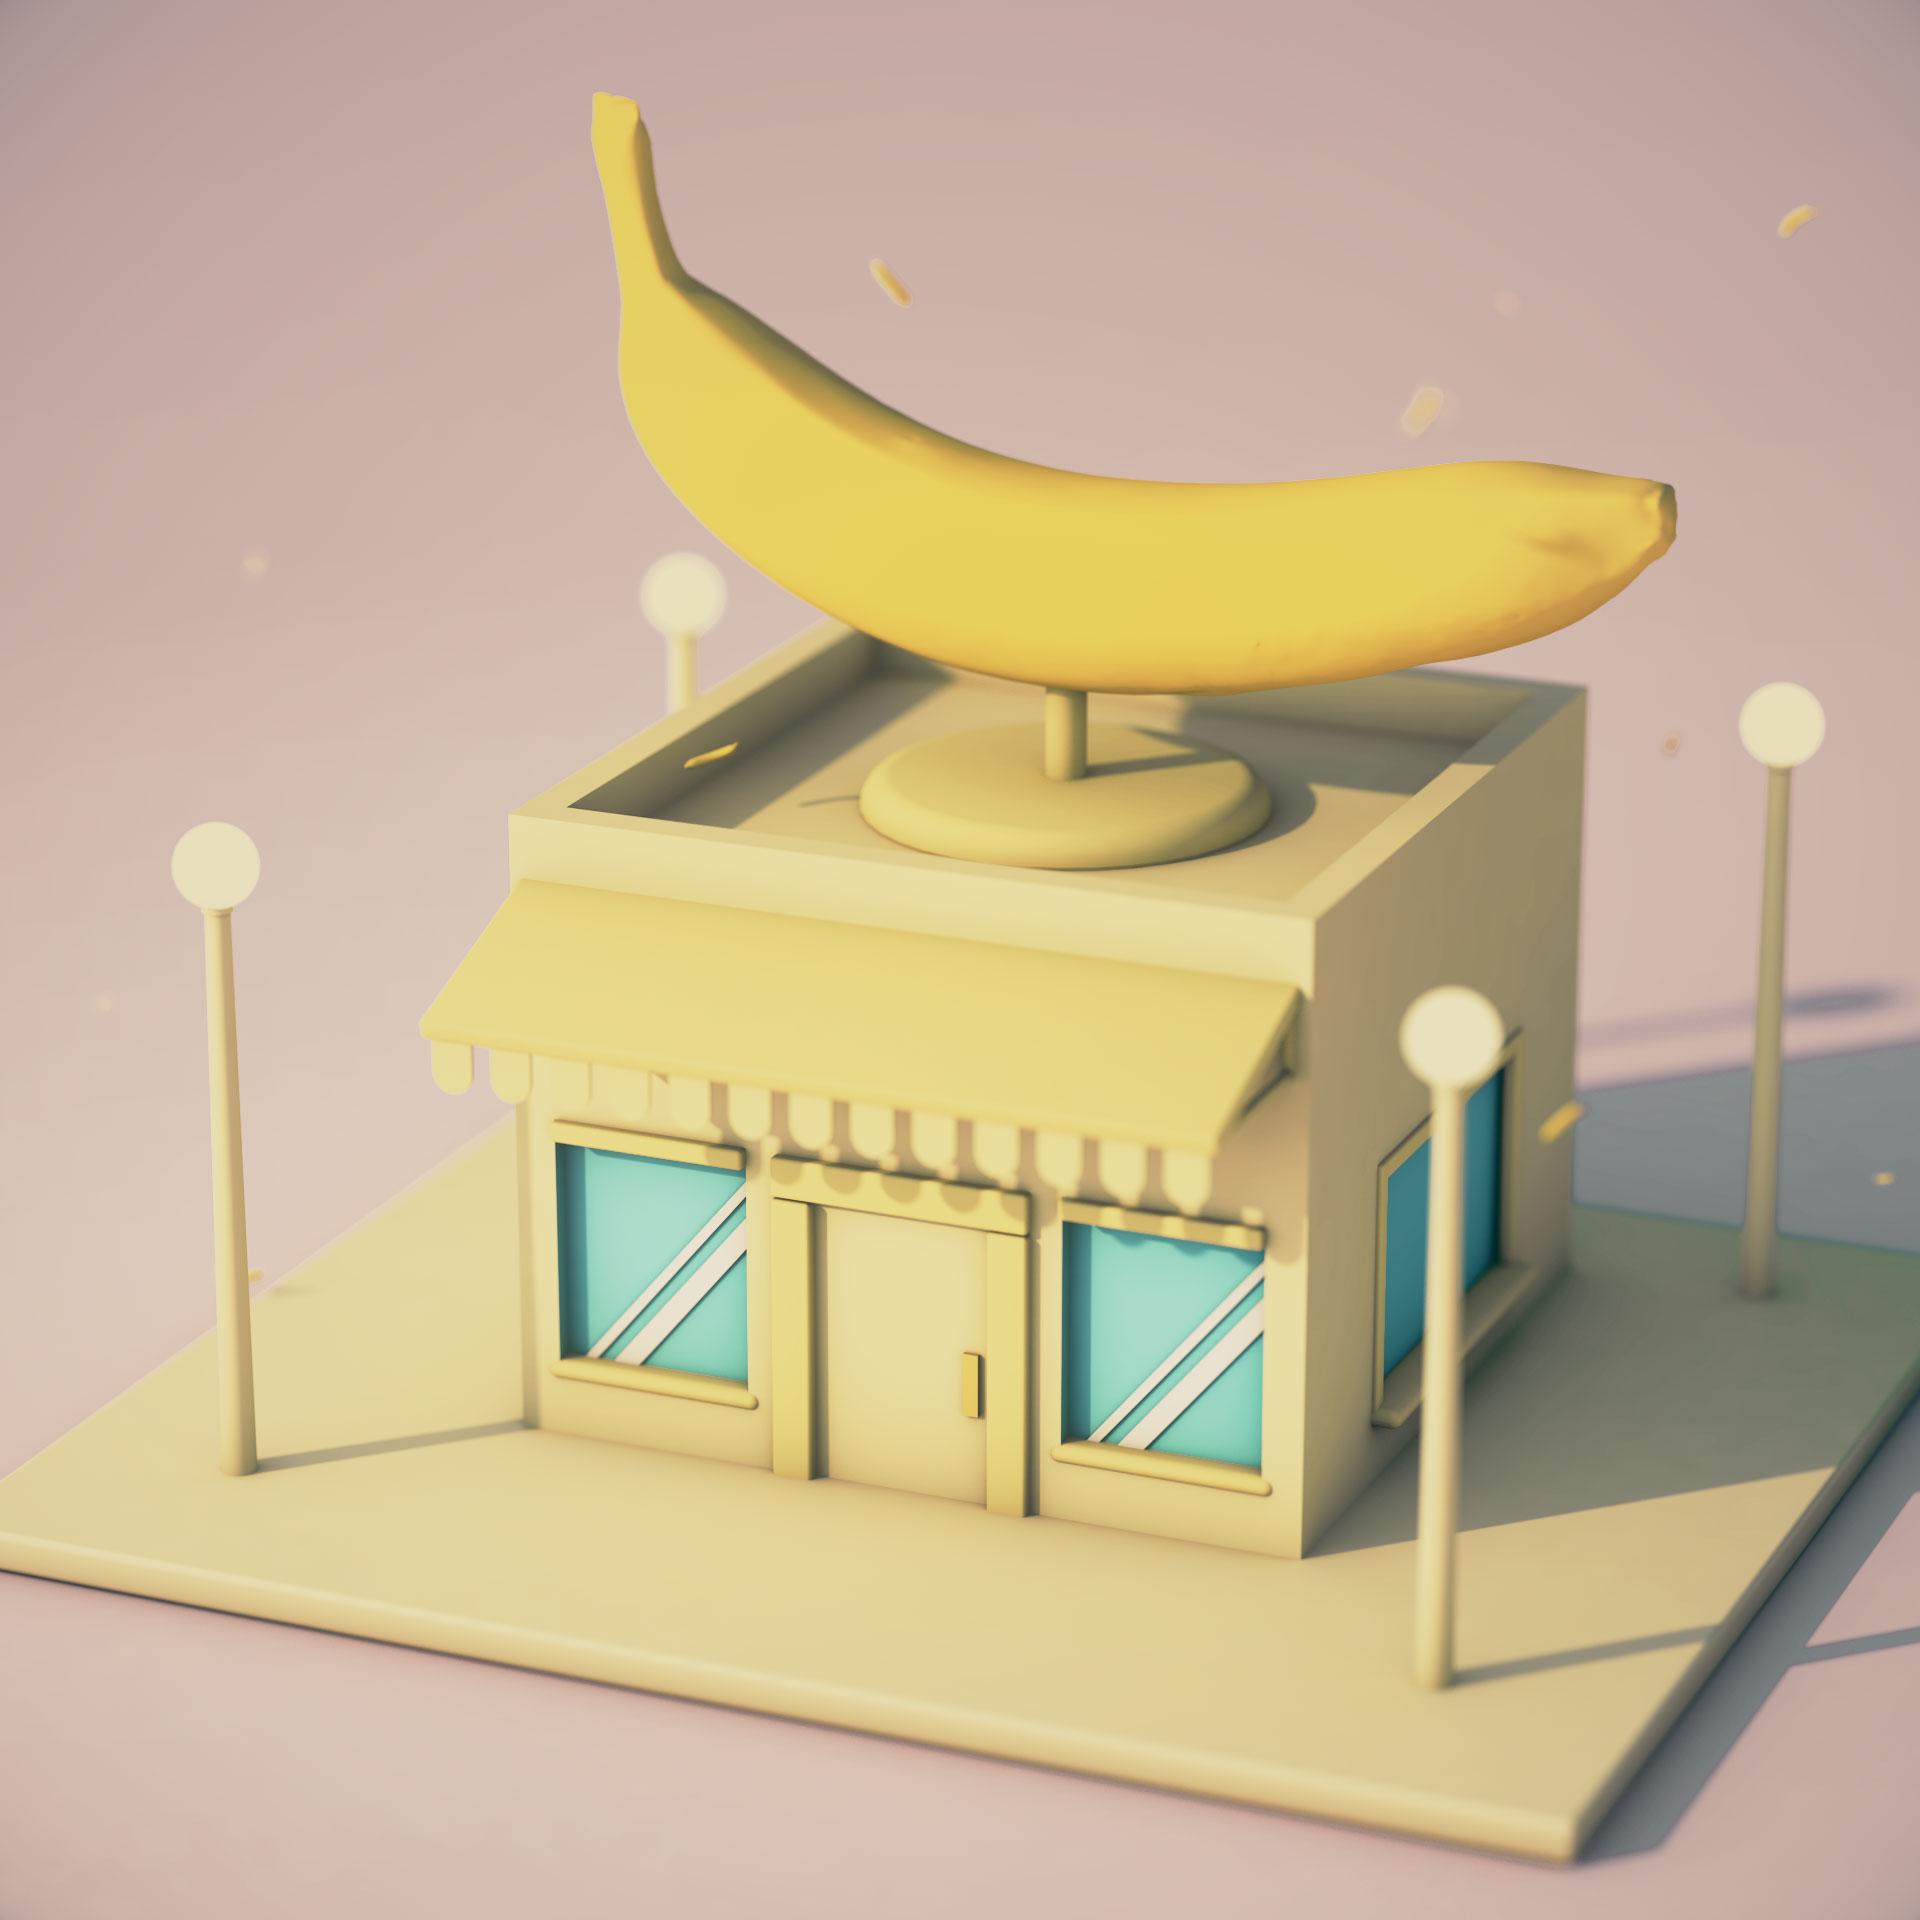 Render_weekly_week1_Banana_jalienski